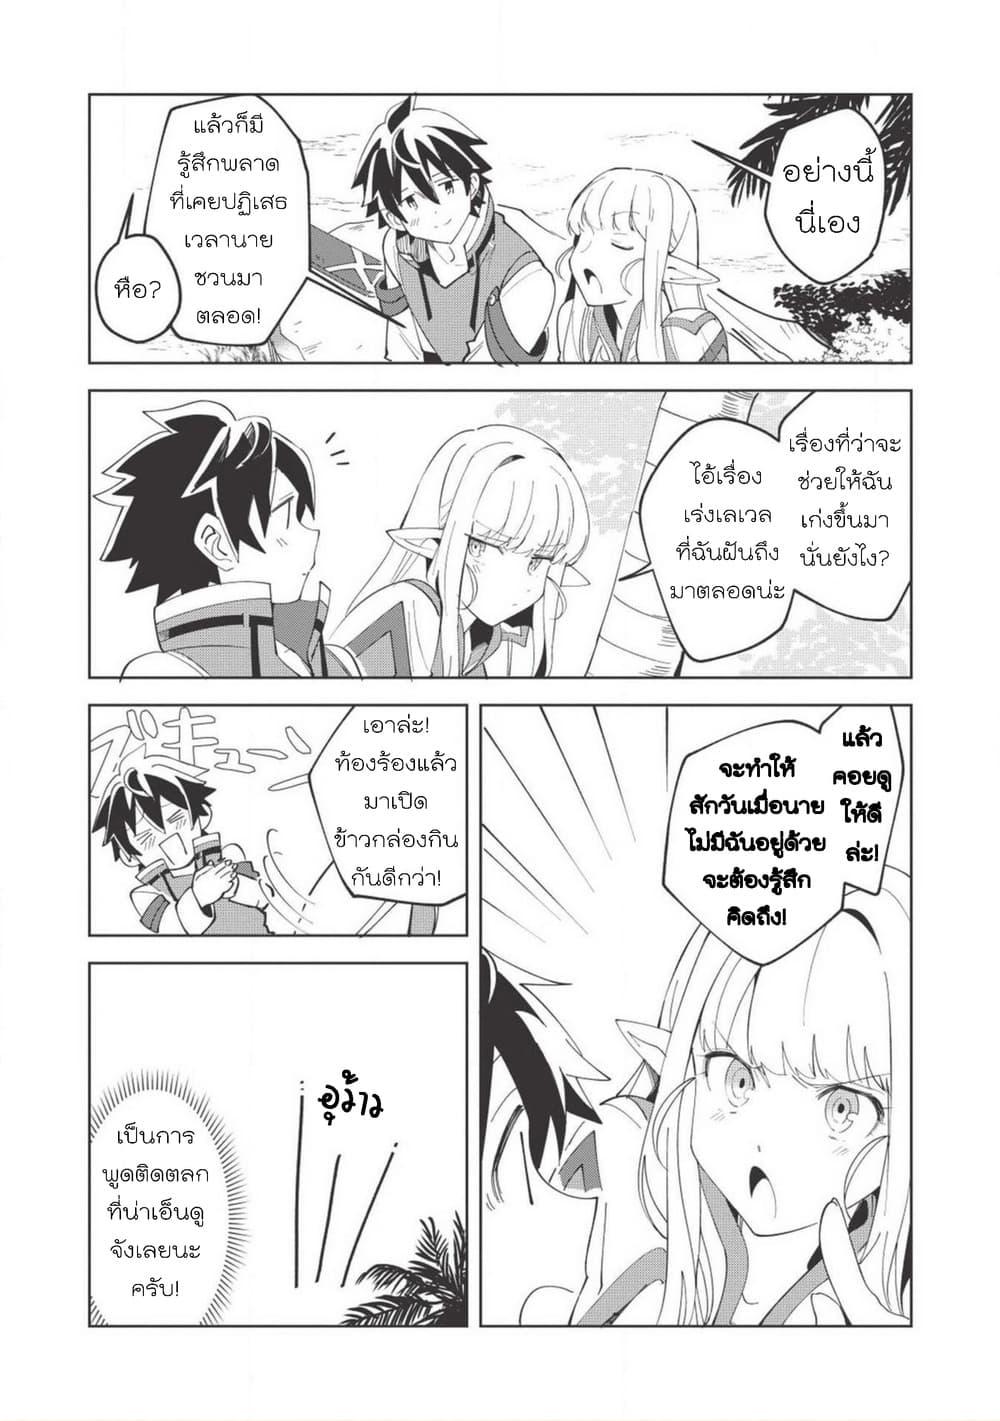 อ่านการ์ตูน Nihon e Youkoso Elf san ตอนที่ 8 หน้าที่ 19